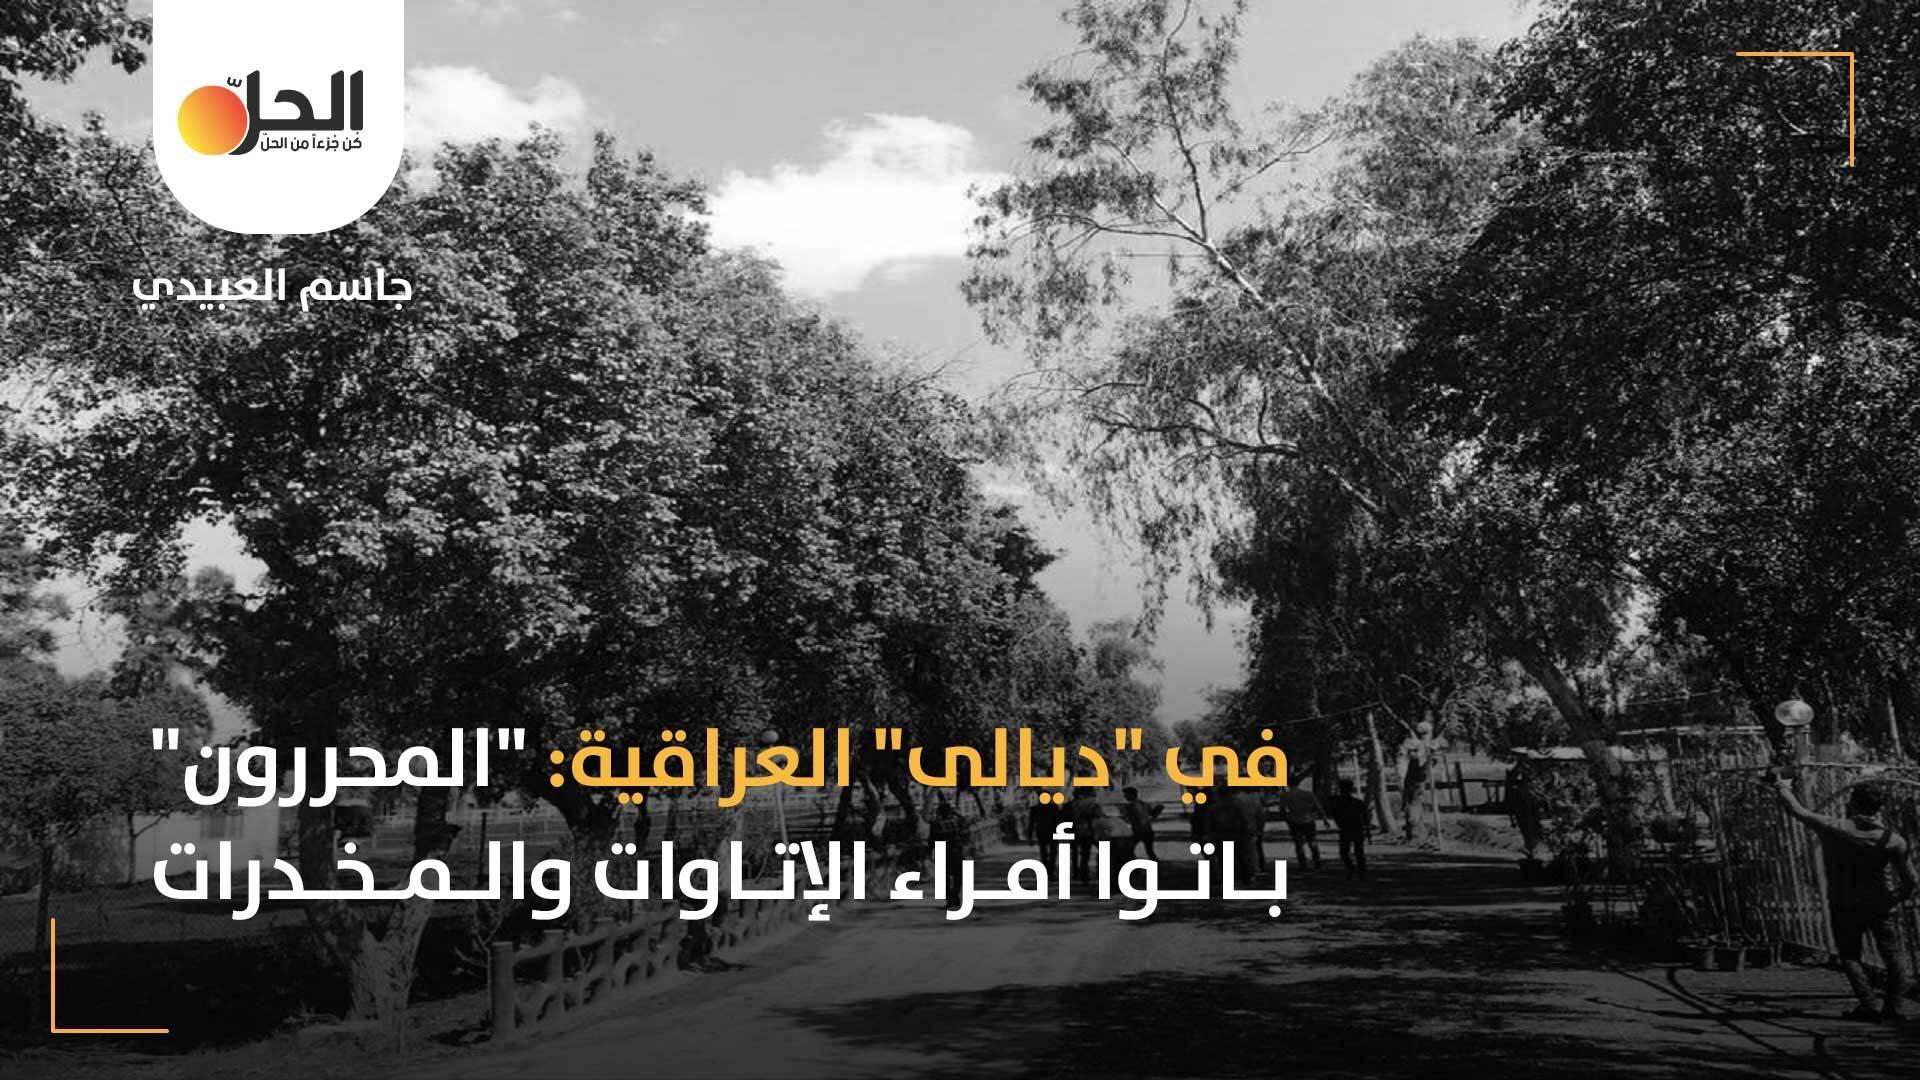 """فوضى الميلشيات في محافظة """"ديالى"""": الدولة العراقية و""""الحشد الشعبي"""" غطاءً لعصابات التهريب والابتزاز"""